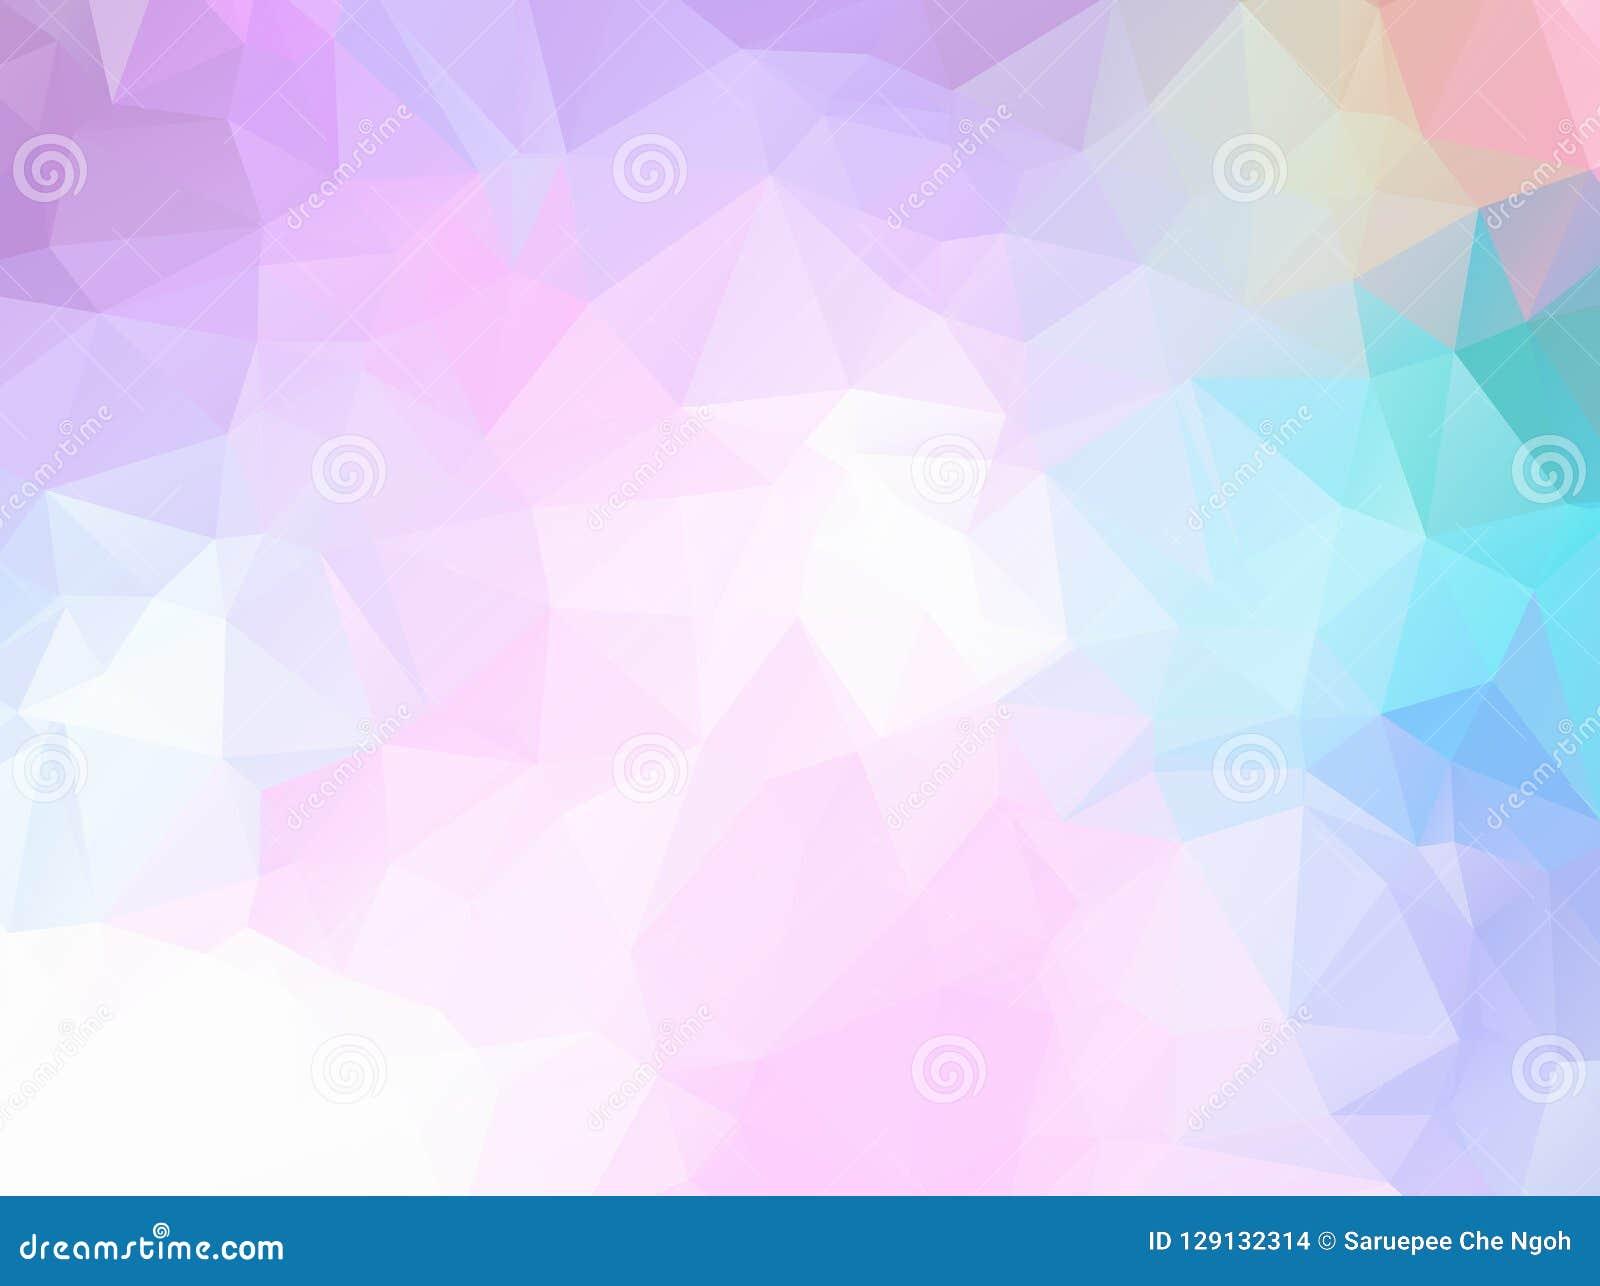 包括色的三角的抽象柔光彩虹背景 抽象五颜六色的多角形马赛克背景,创造性的D